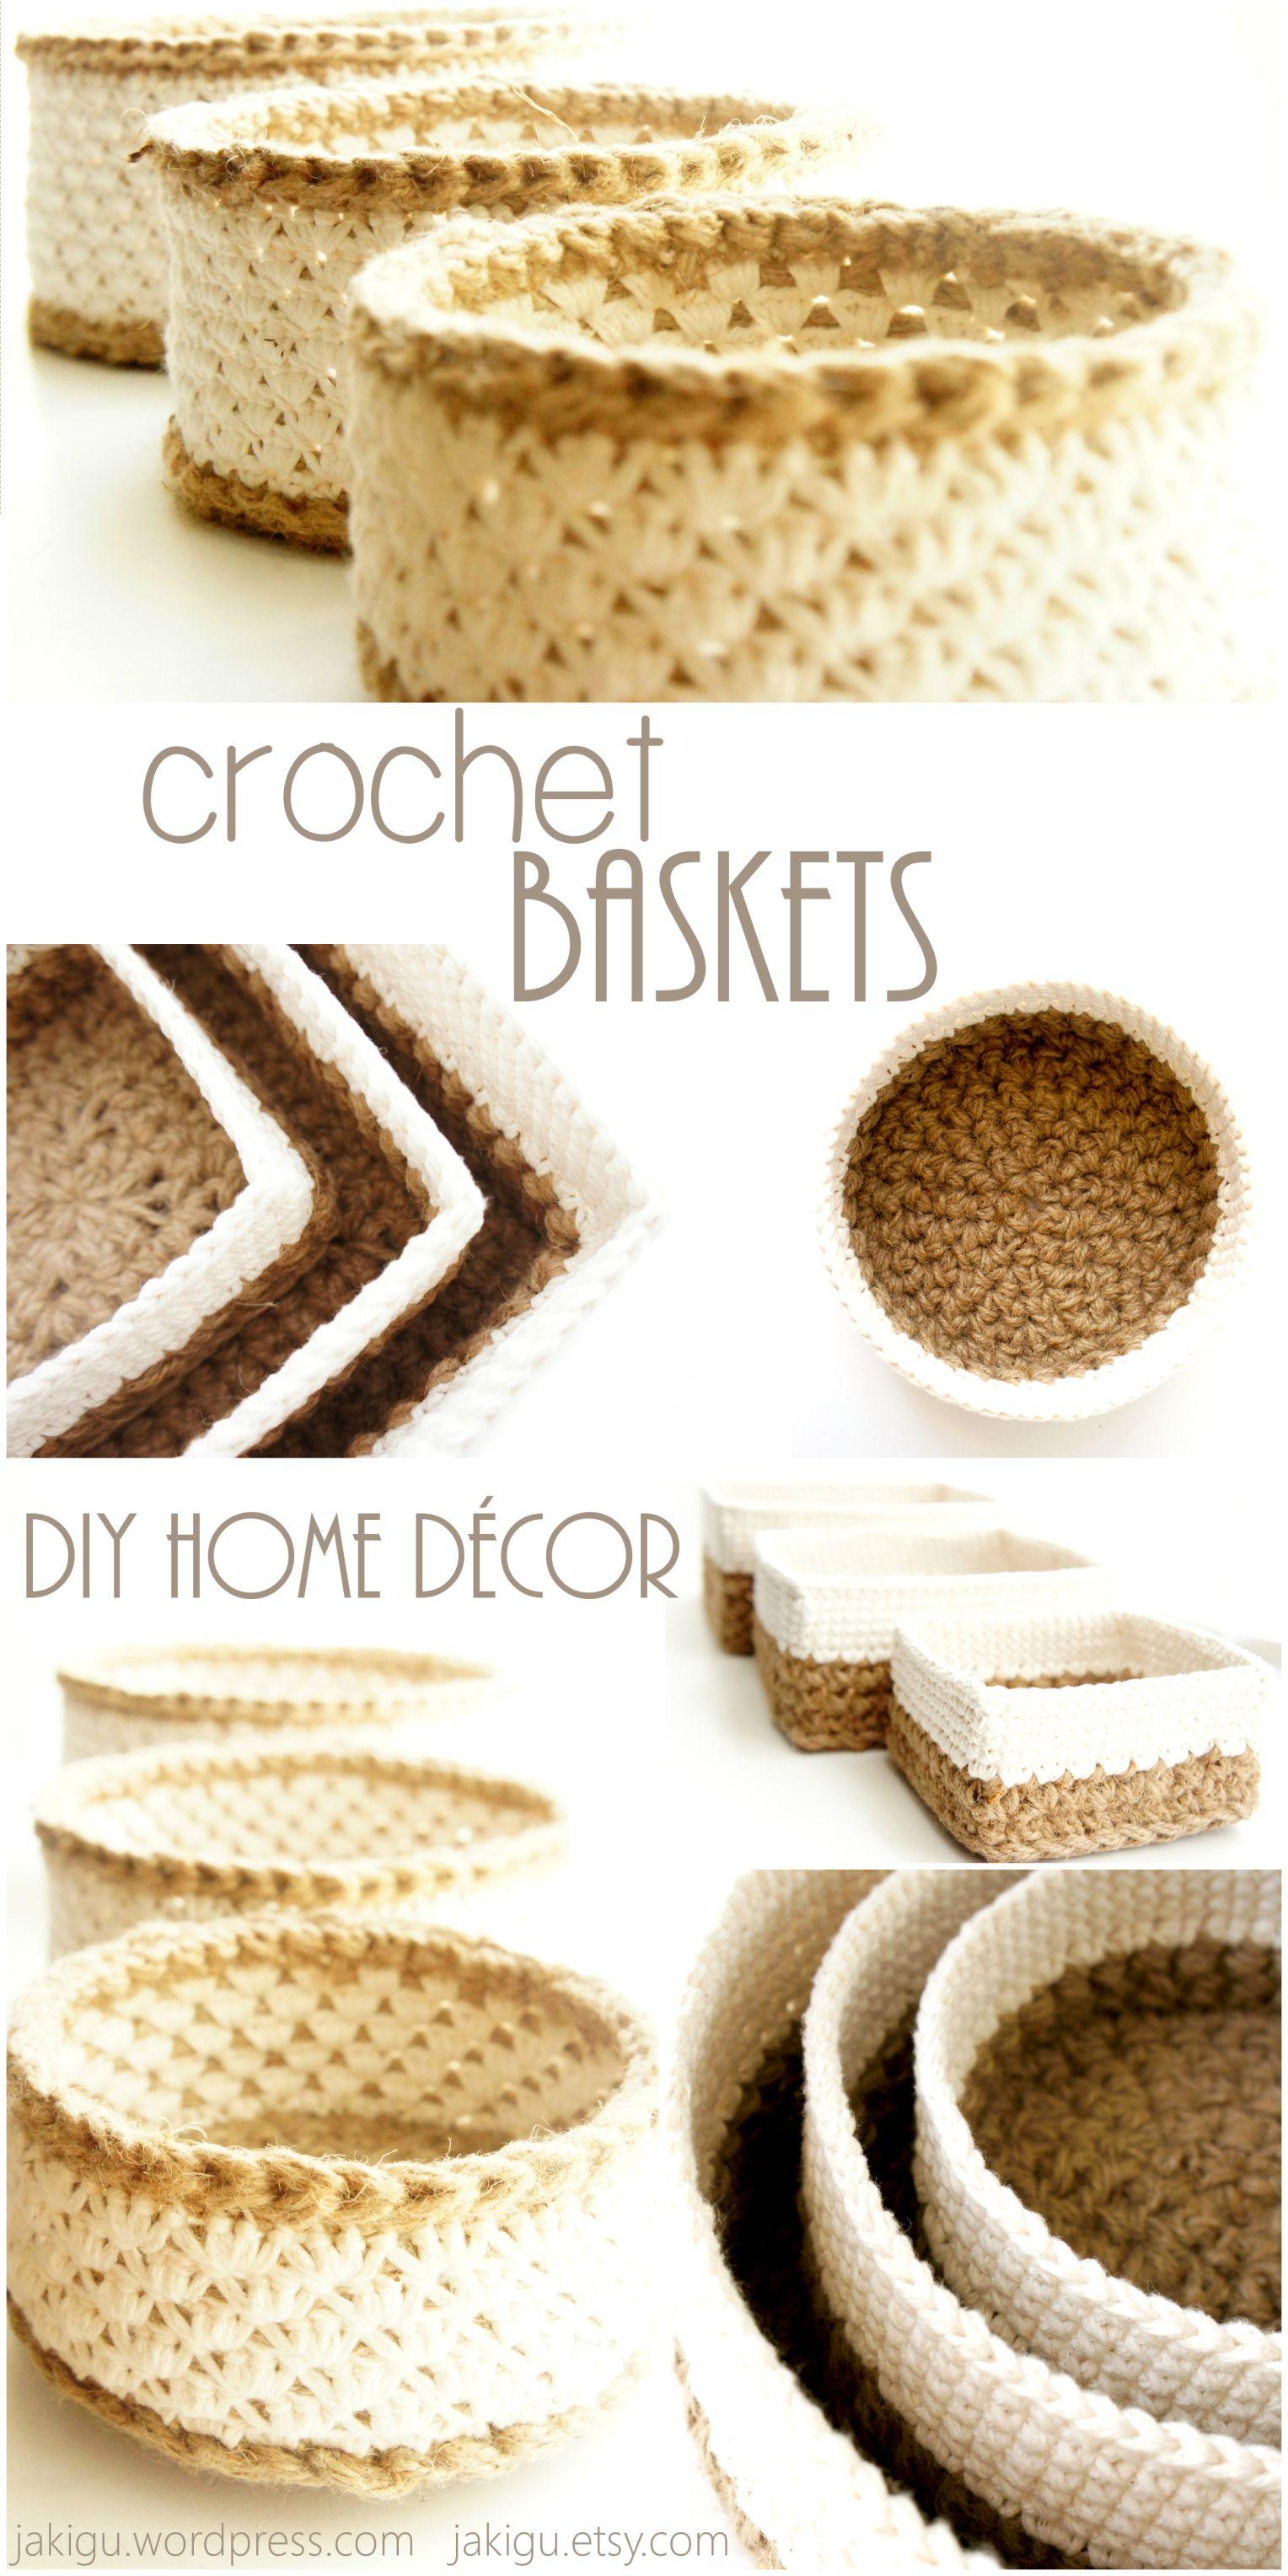 crochet baskets pattern bundle | Fadenkunst, Kuh und Handarbeiten